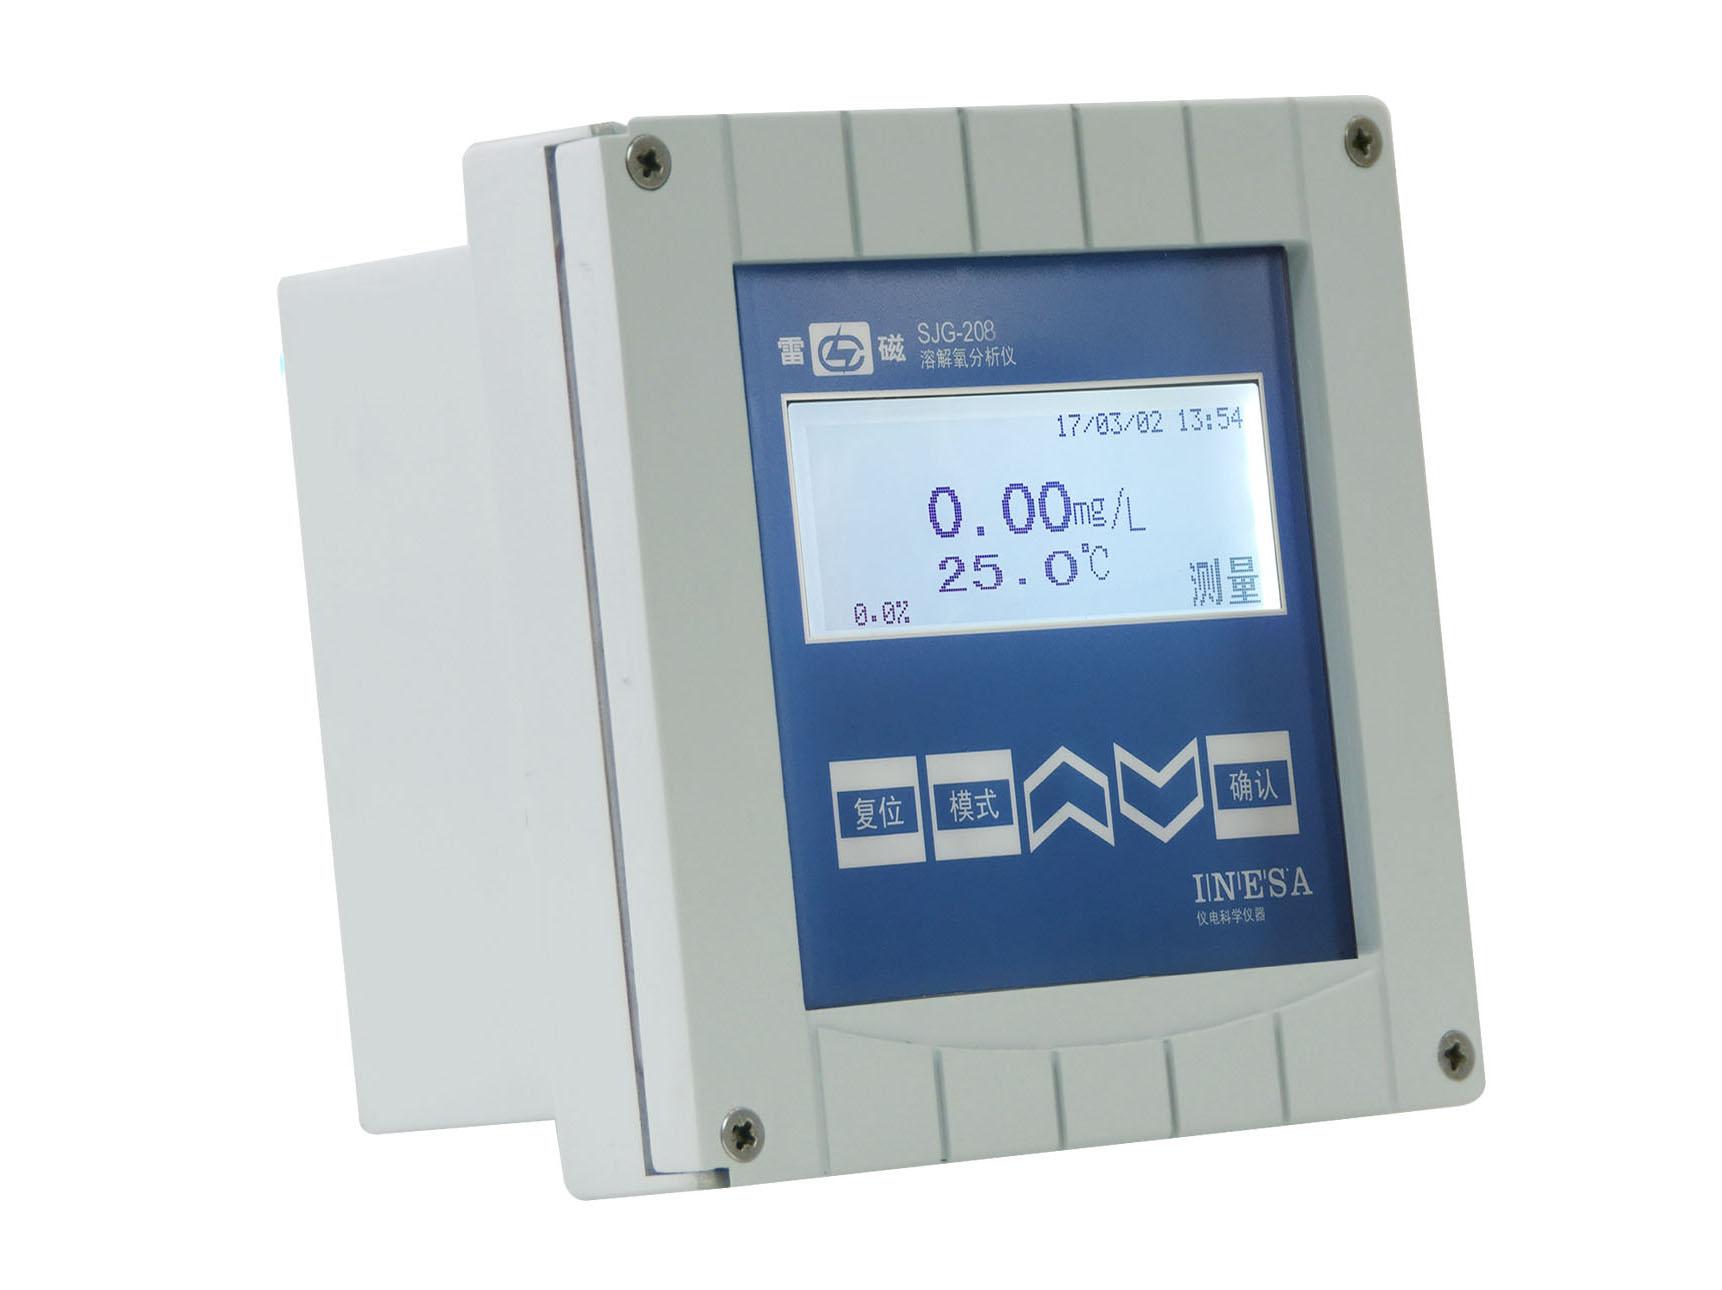 上海雷磁SJG-208污水溶解氧监测仪